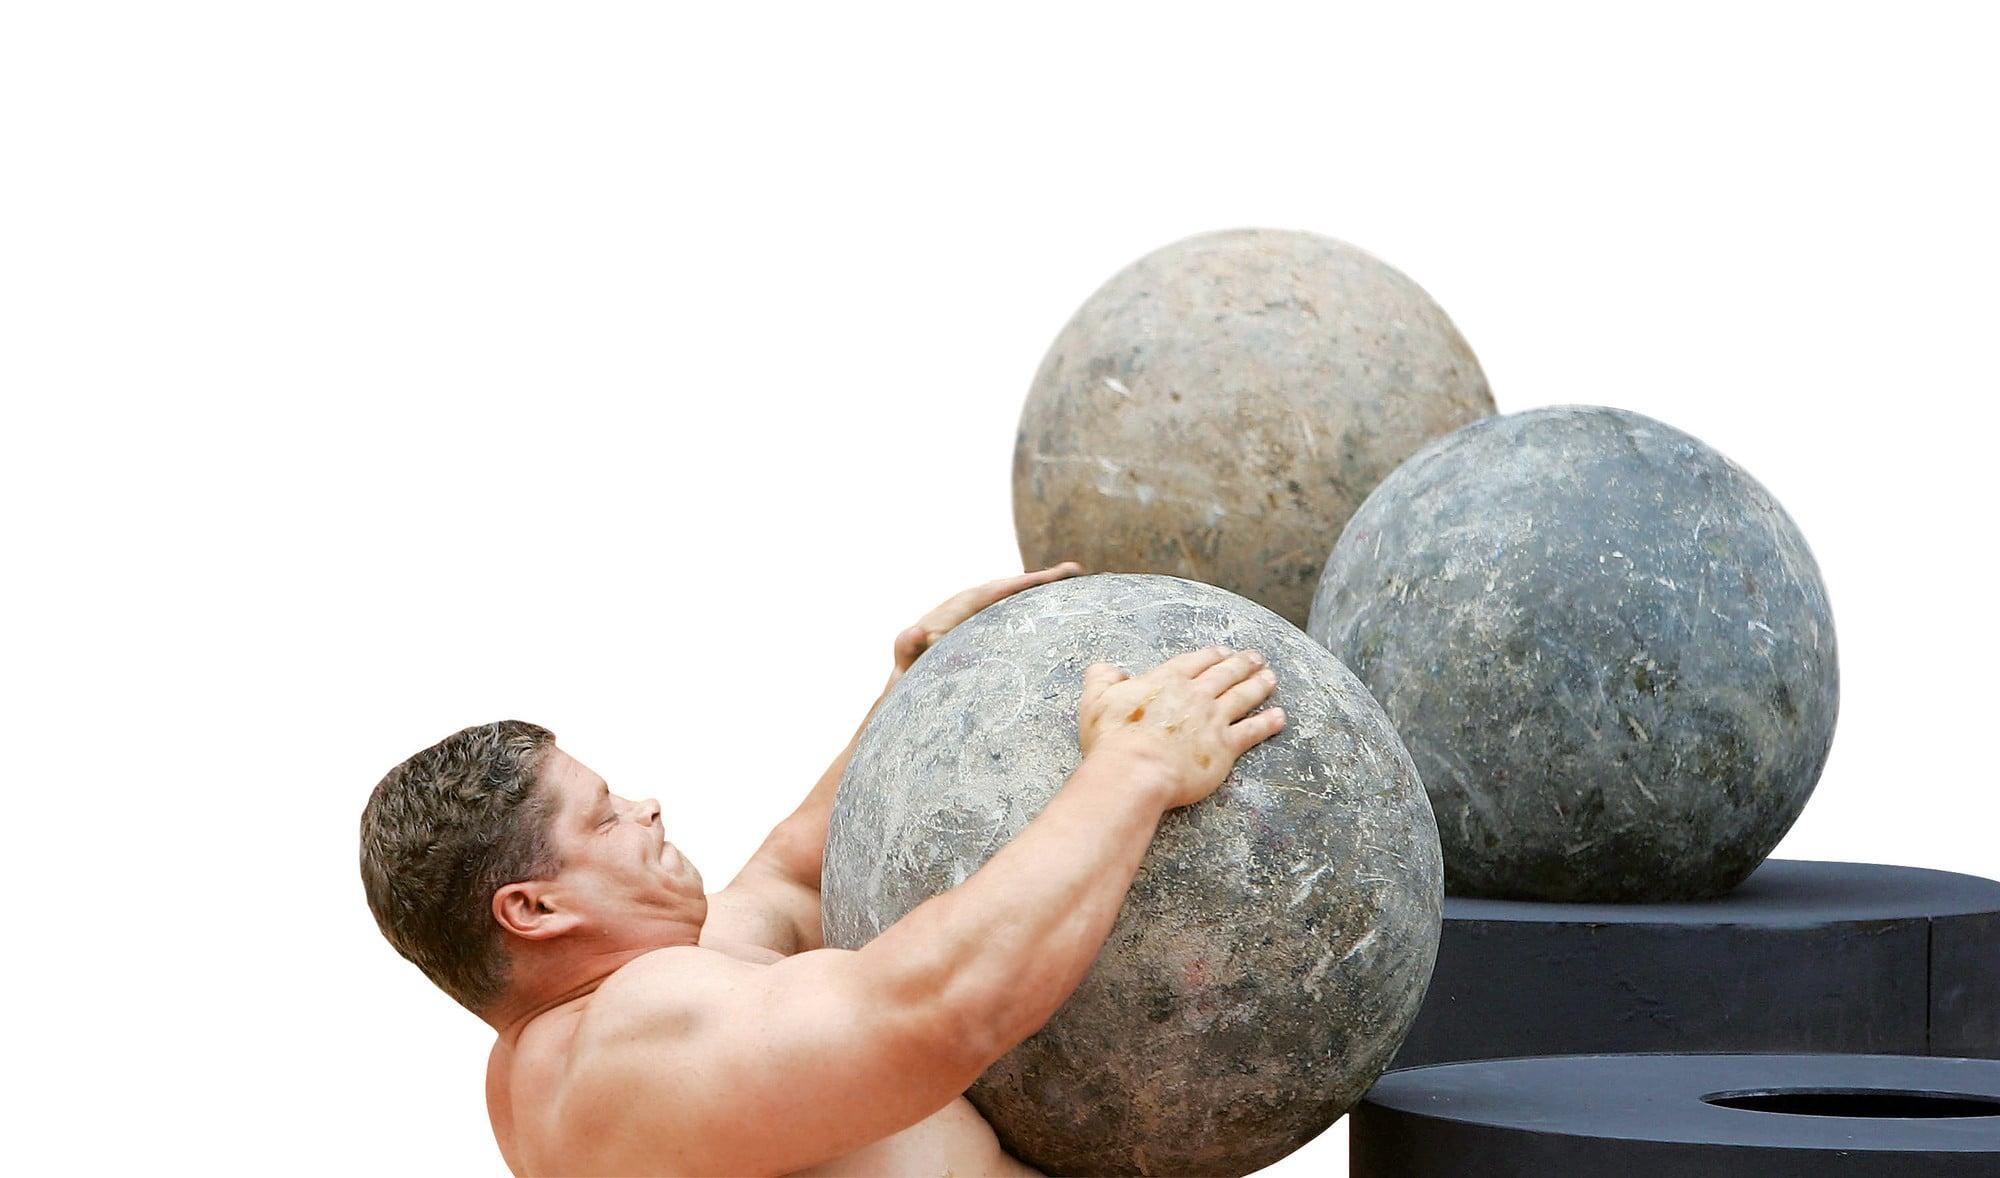 тяжелые камни, тяжесть